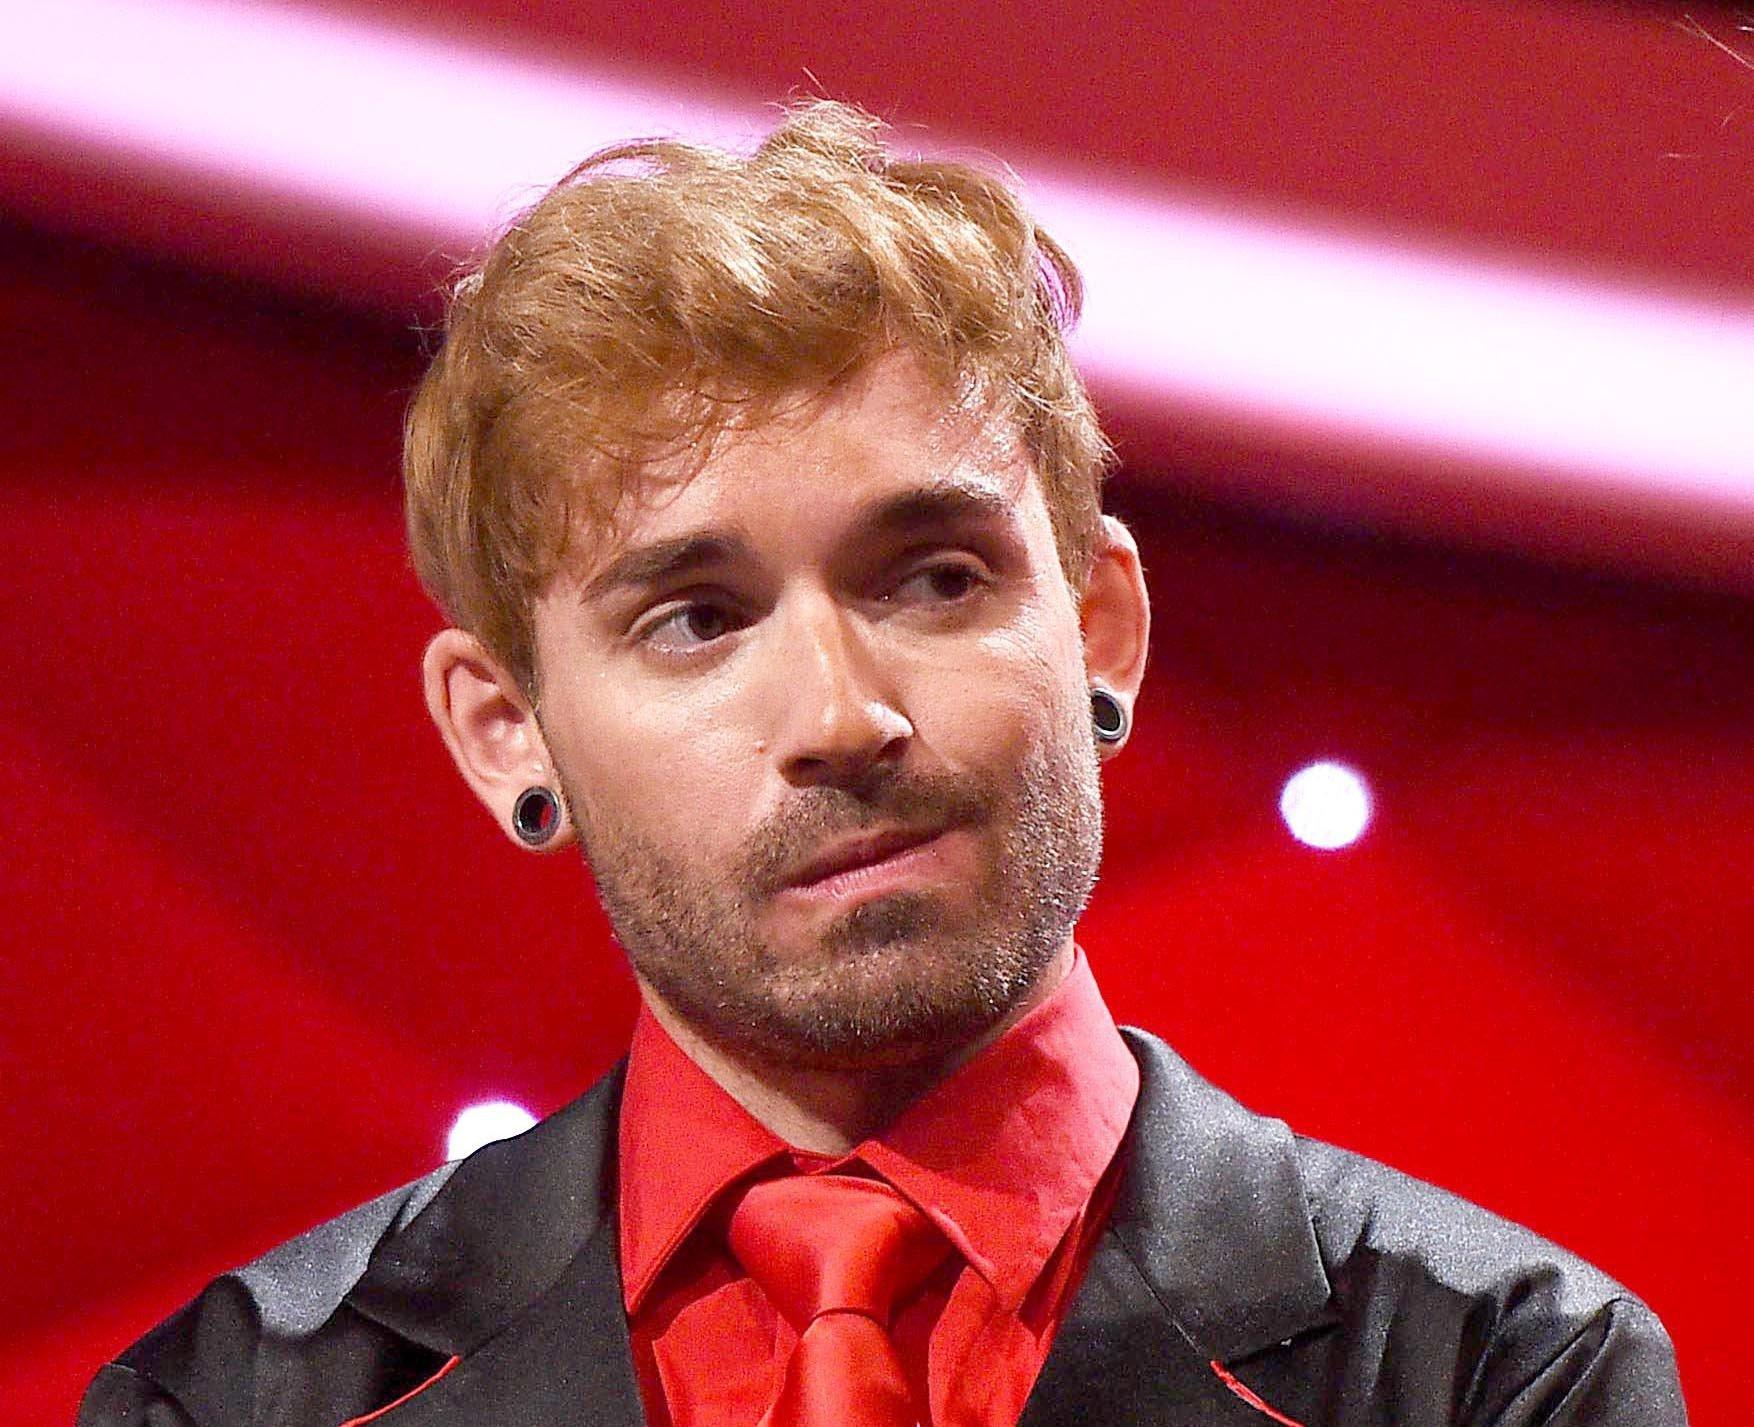 Daniel Küblböck: Anwalt erklärt, was passiert, wenn Sänger nicht gefunden wird